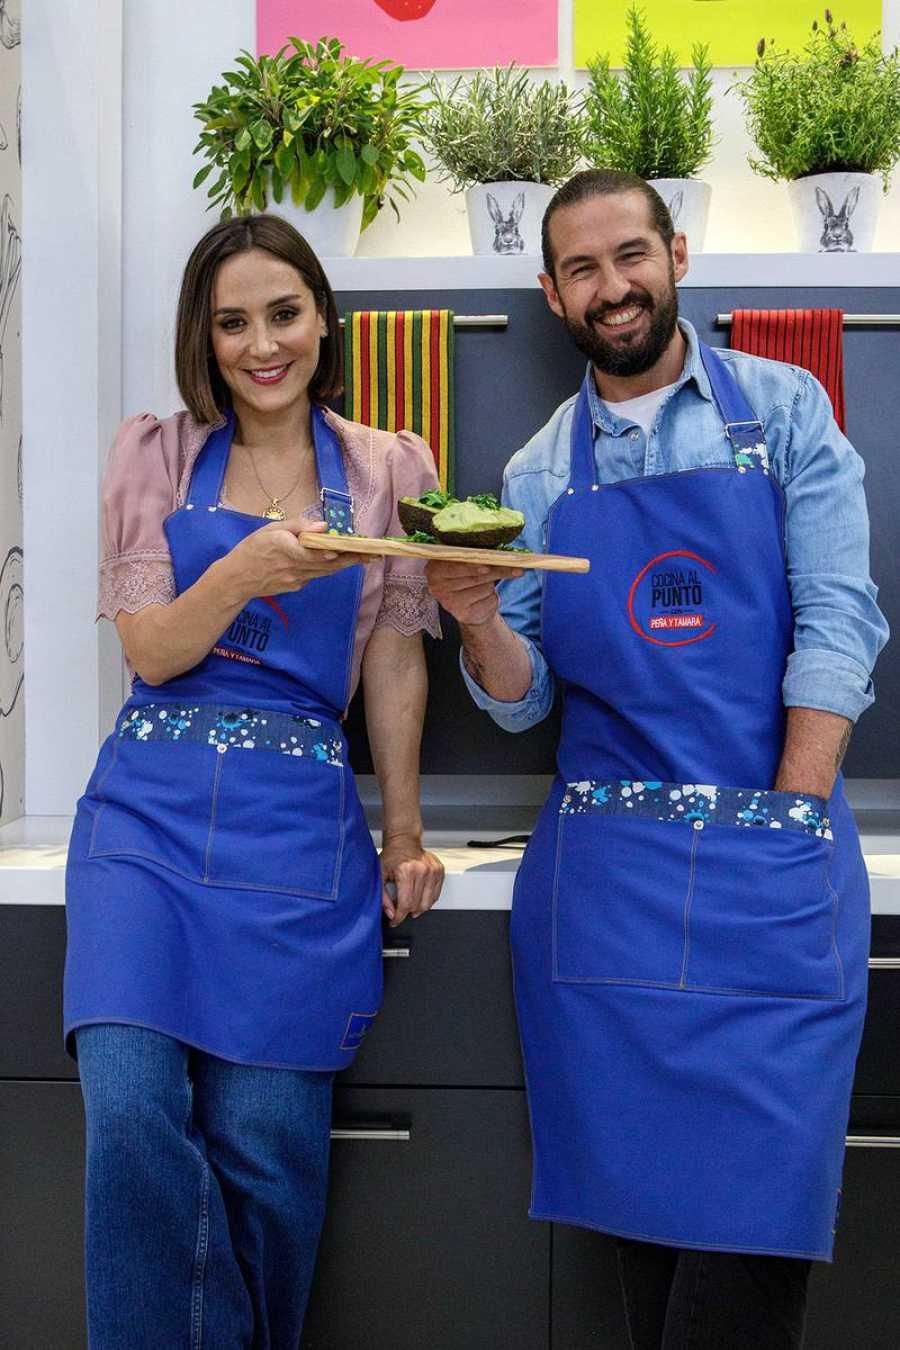 Javier Peña y Tamara Falcó, con el resultado final en 'Cocina al punto con Peña y Tamara'